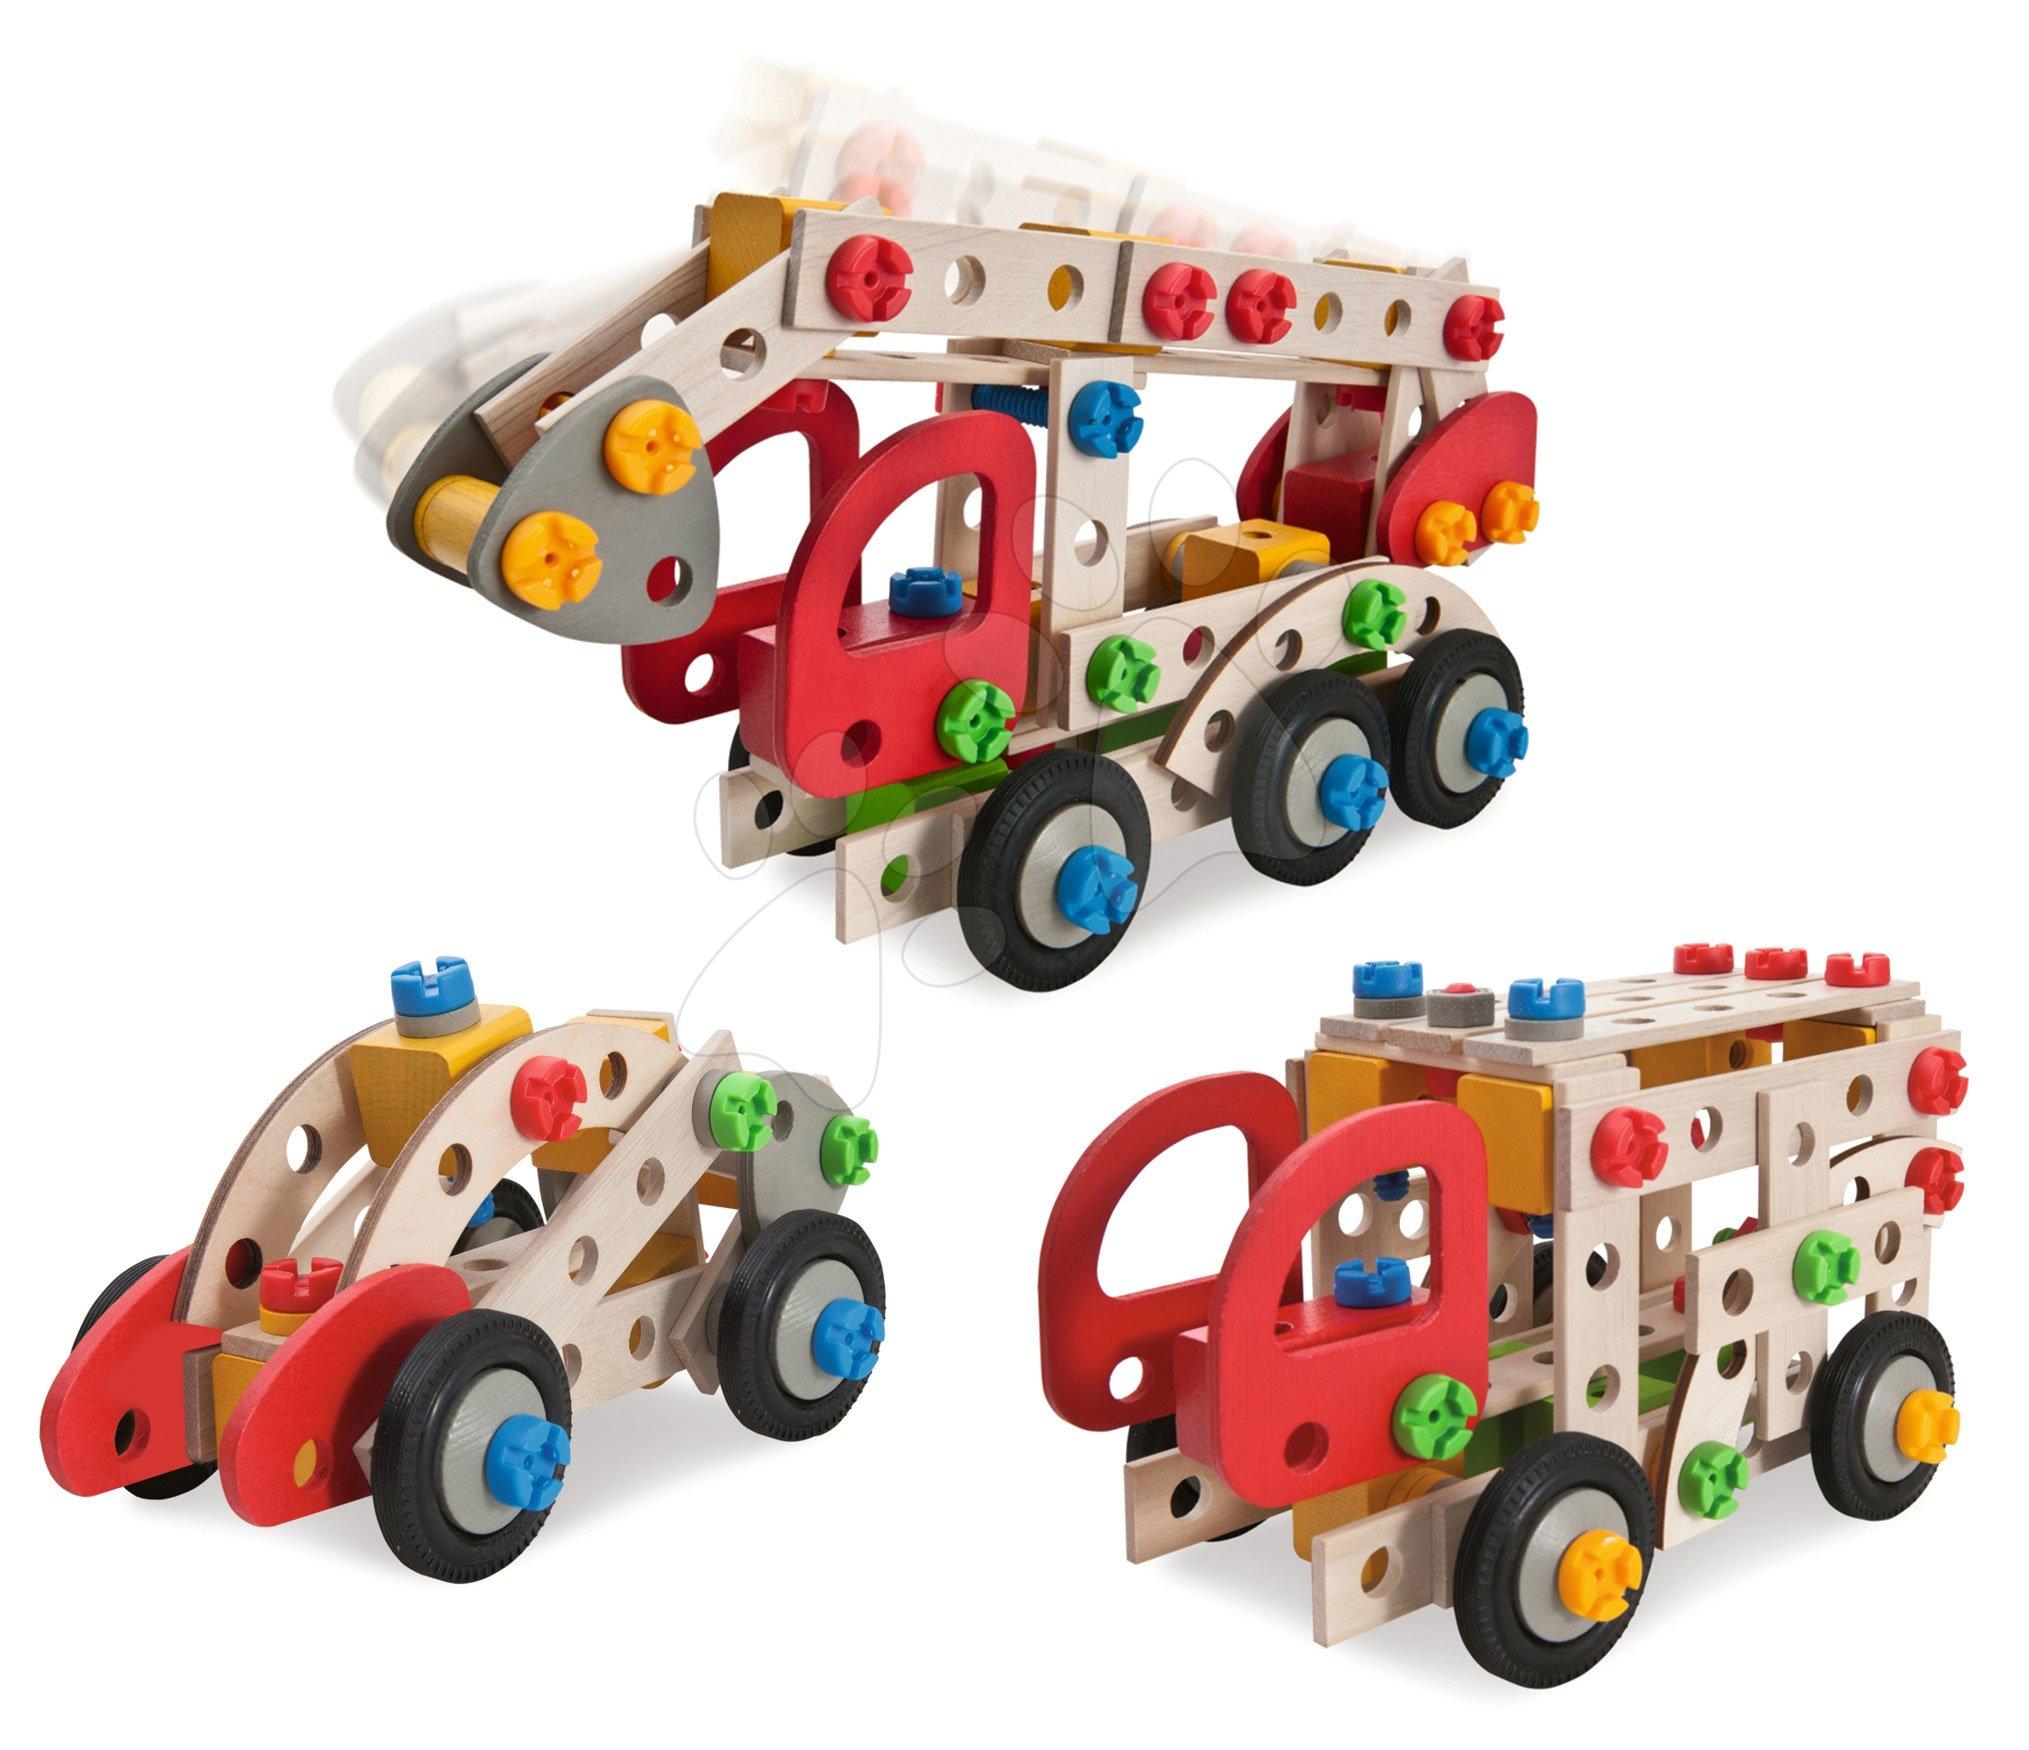 Drevená stavebnica požiarnik Constructor Fire Truck Eichhorn tri modely (požiarnik, sanitka, polícia) 155 dielov od 5 rokov